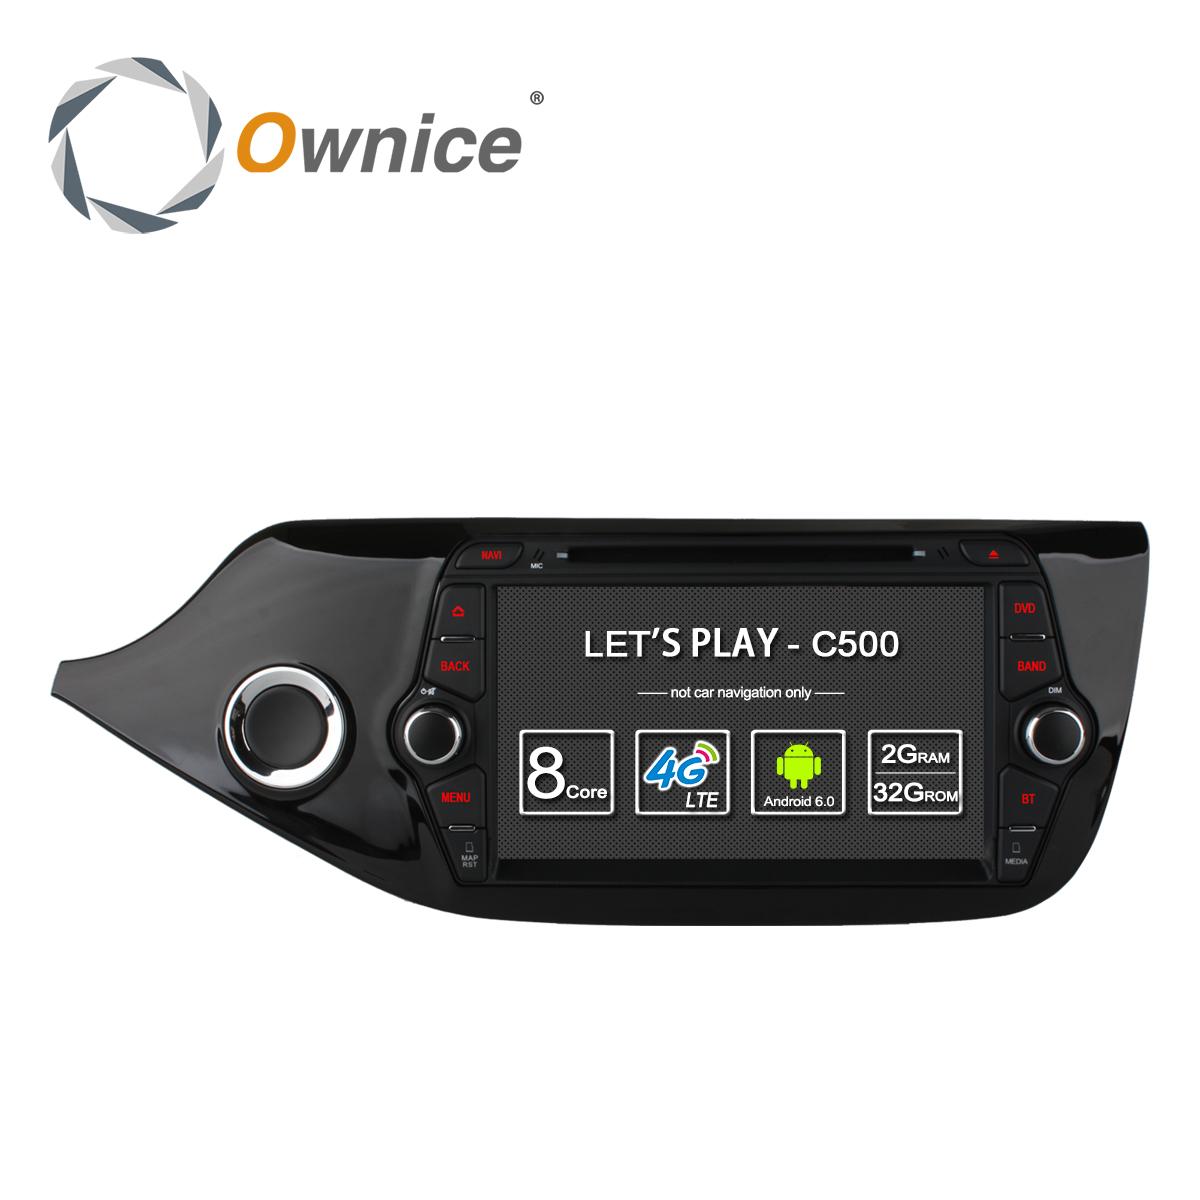 Ownice C500 4g SIM LTE Octa 8 Core Android 6.0 Per Kia CEED 2013-2015 Auto Lettore DVD navi Dei GPS della Radio di WIFI 4g BT 2 gb di RAM 32g ROM